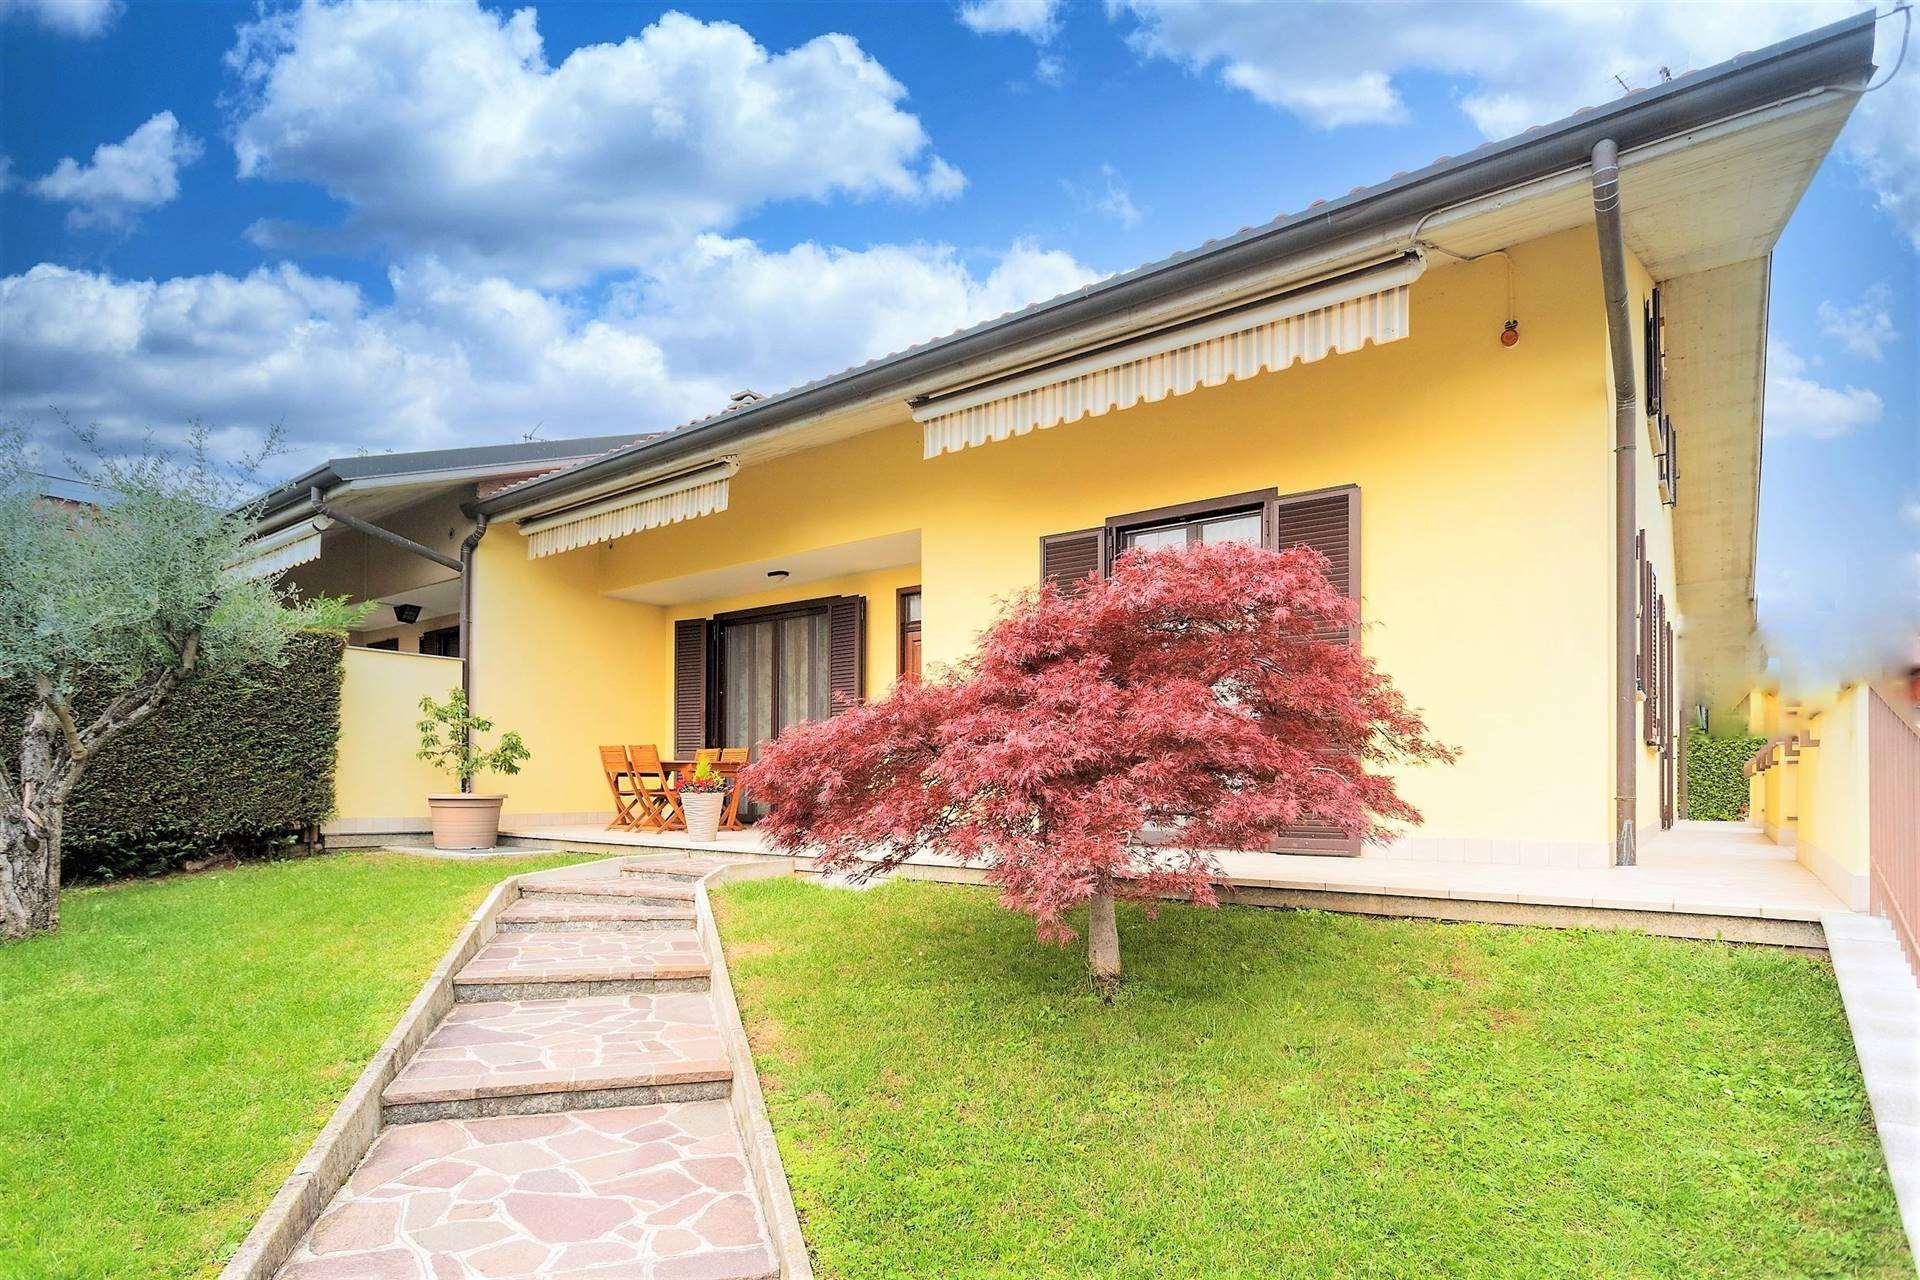 Villa in Vendita a Roncello: 5 locali, 197 mq